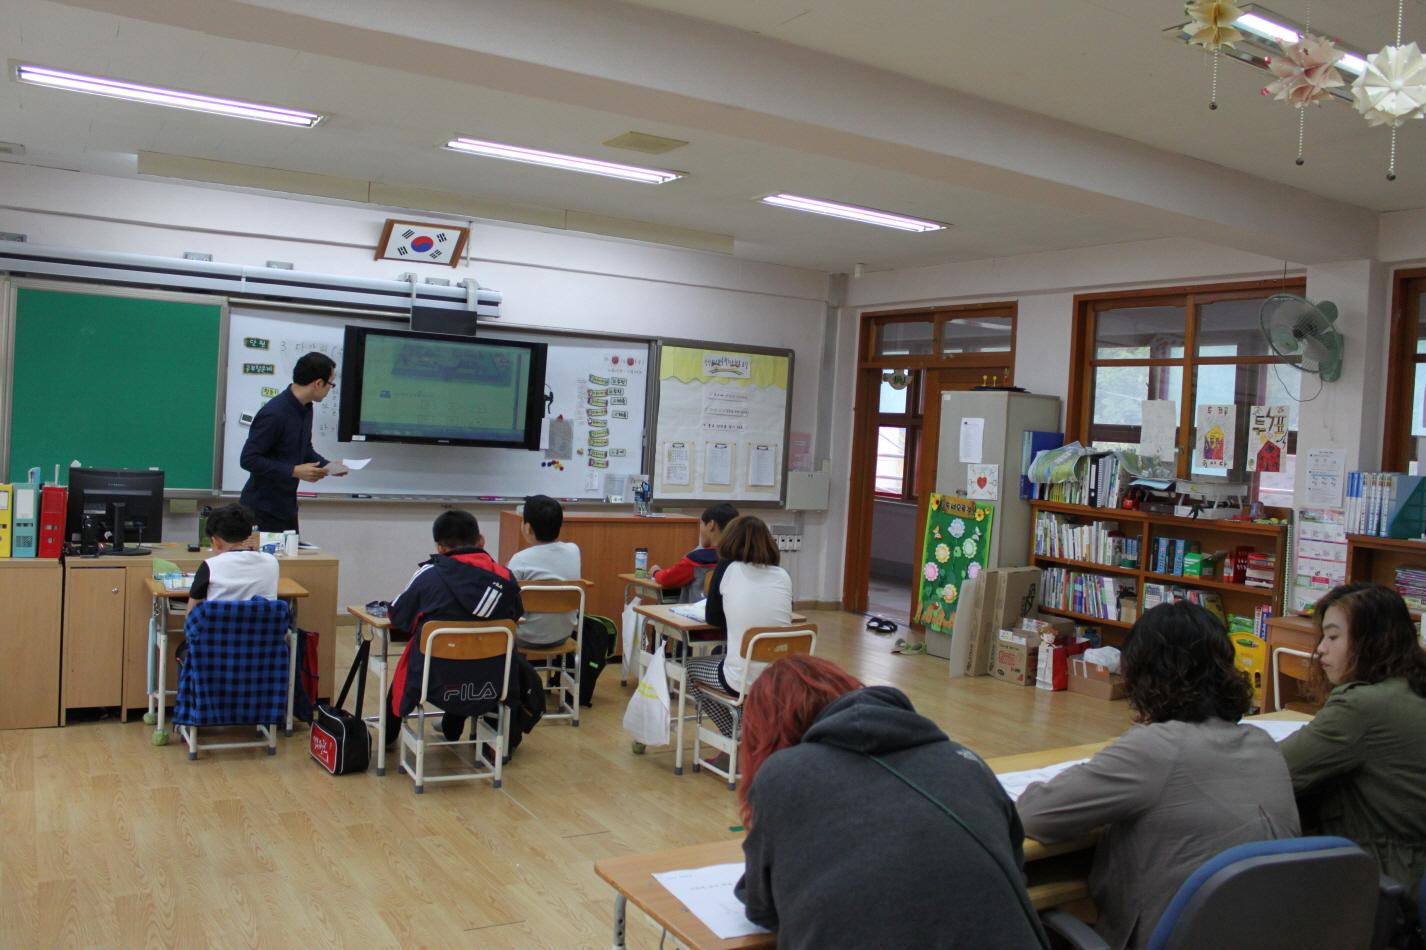 [일반] 2학기 공개수업 3,4학년의 첨부이미지 6